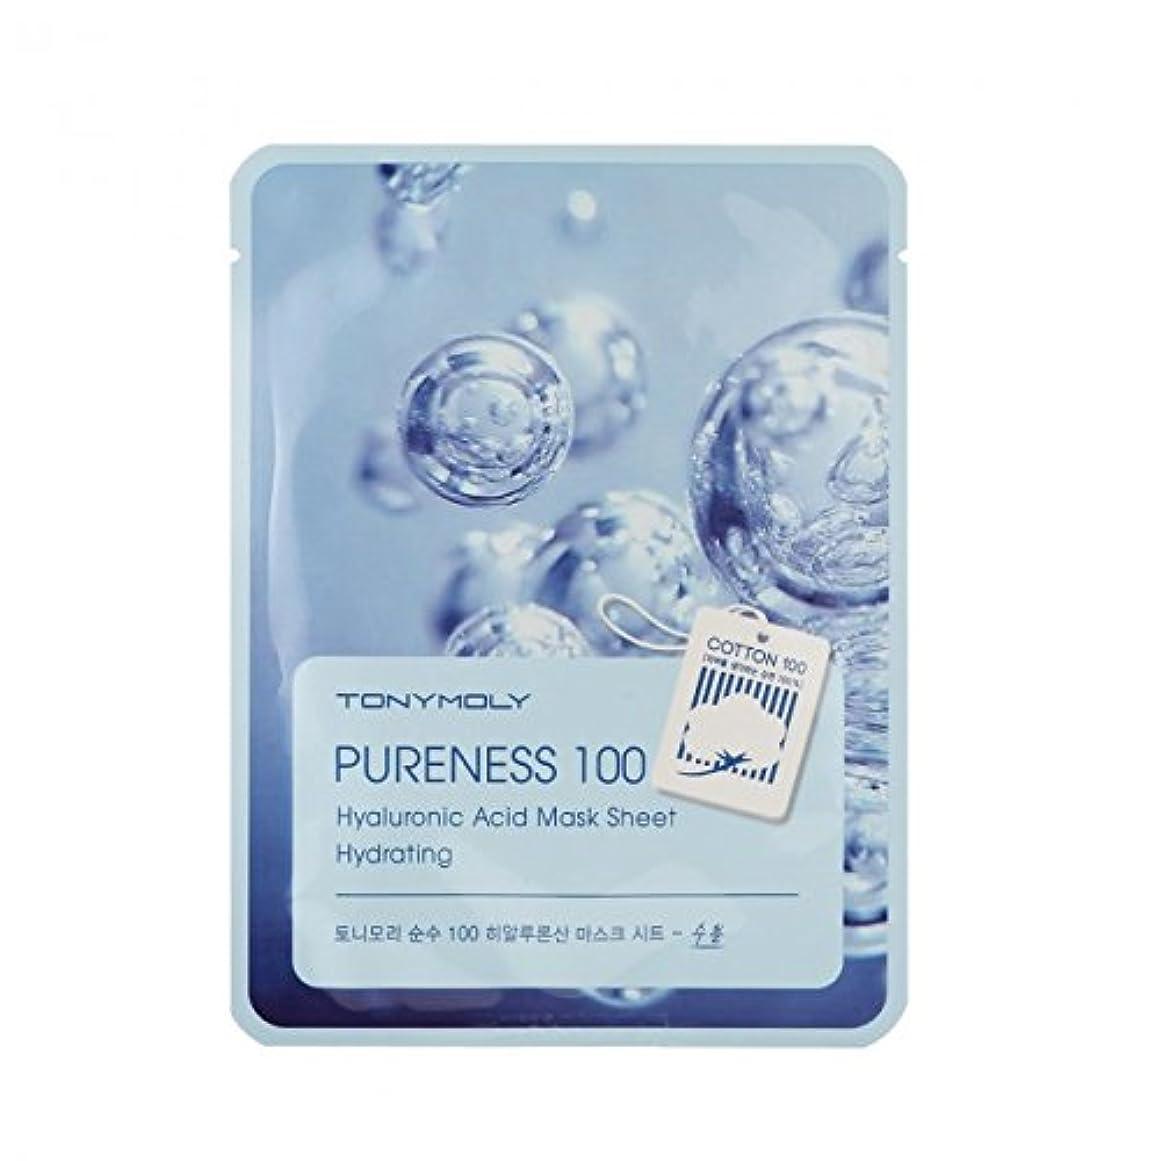 ポットビルマお尻(3 Pack) TONYMOLY Pureness 100 Hyaluronic Acid Mask Sheet Hydrating (並行輸入品)